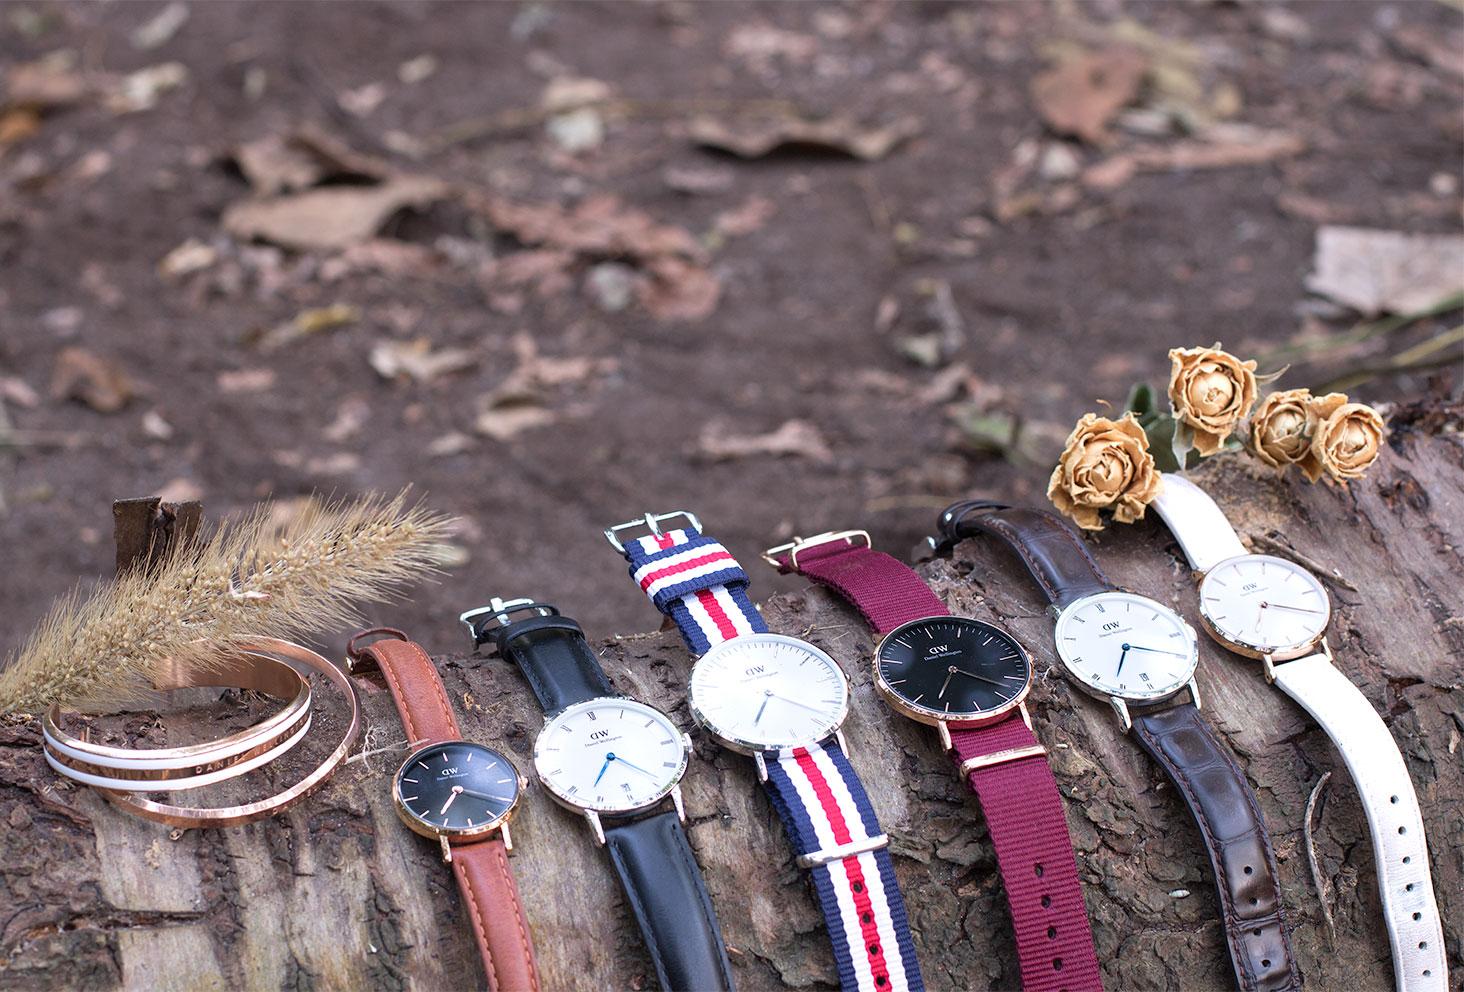 Les montres et joncs de Daniel Wellington posés sur une souche d'arbres au milieu de la forêt avec des fleurs séchées